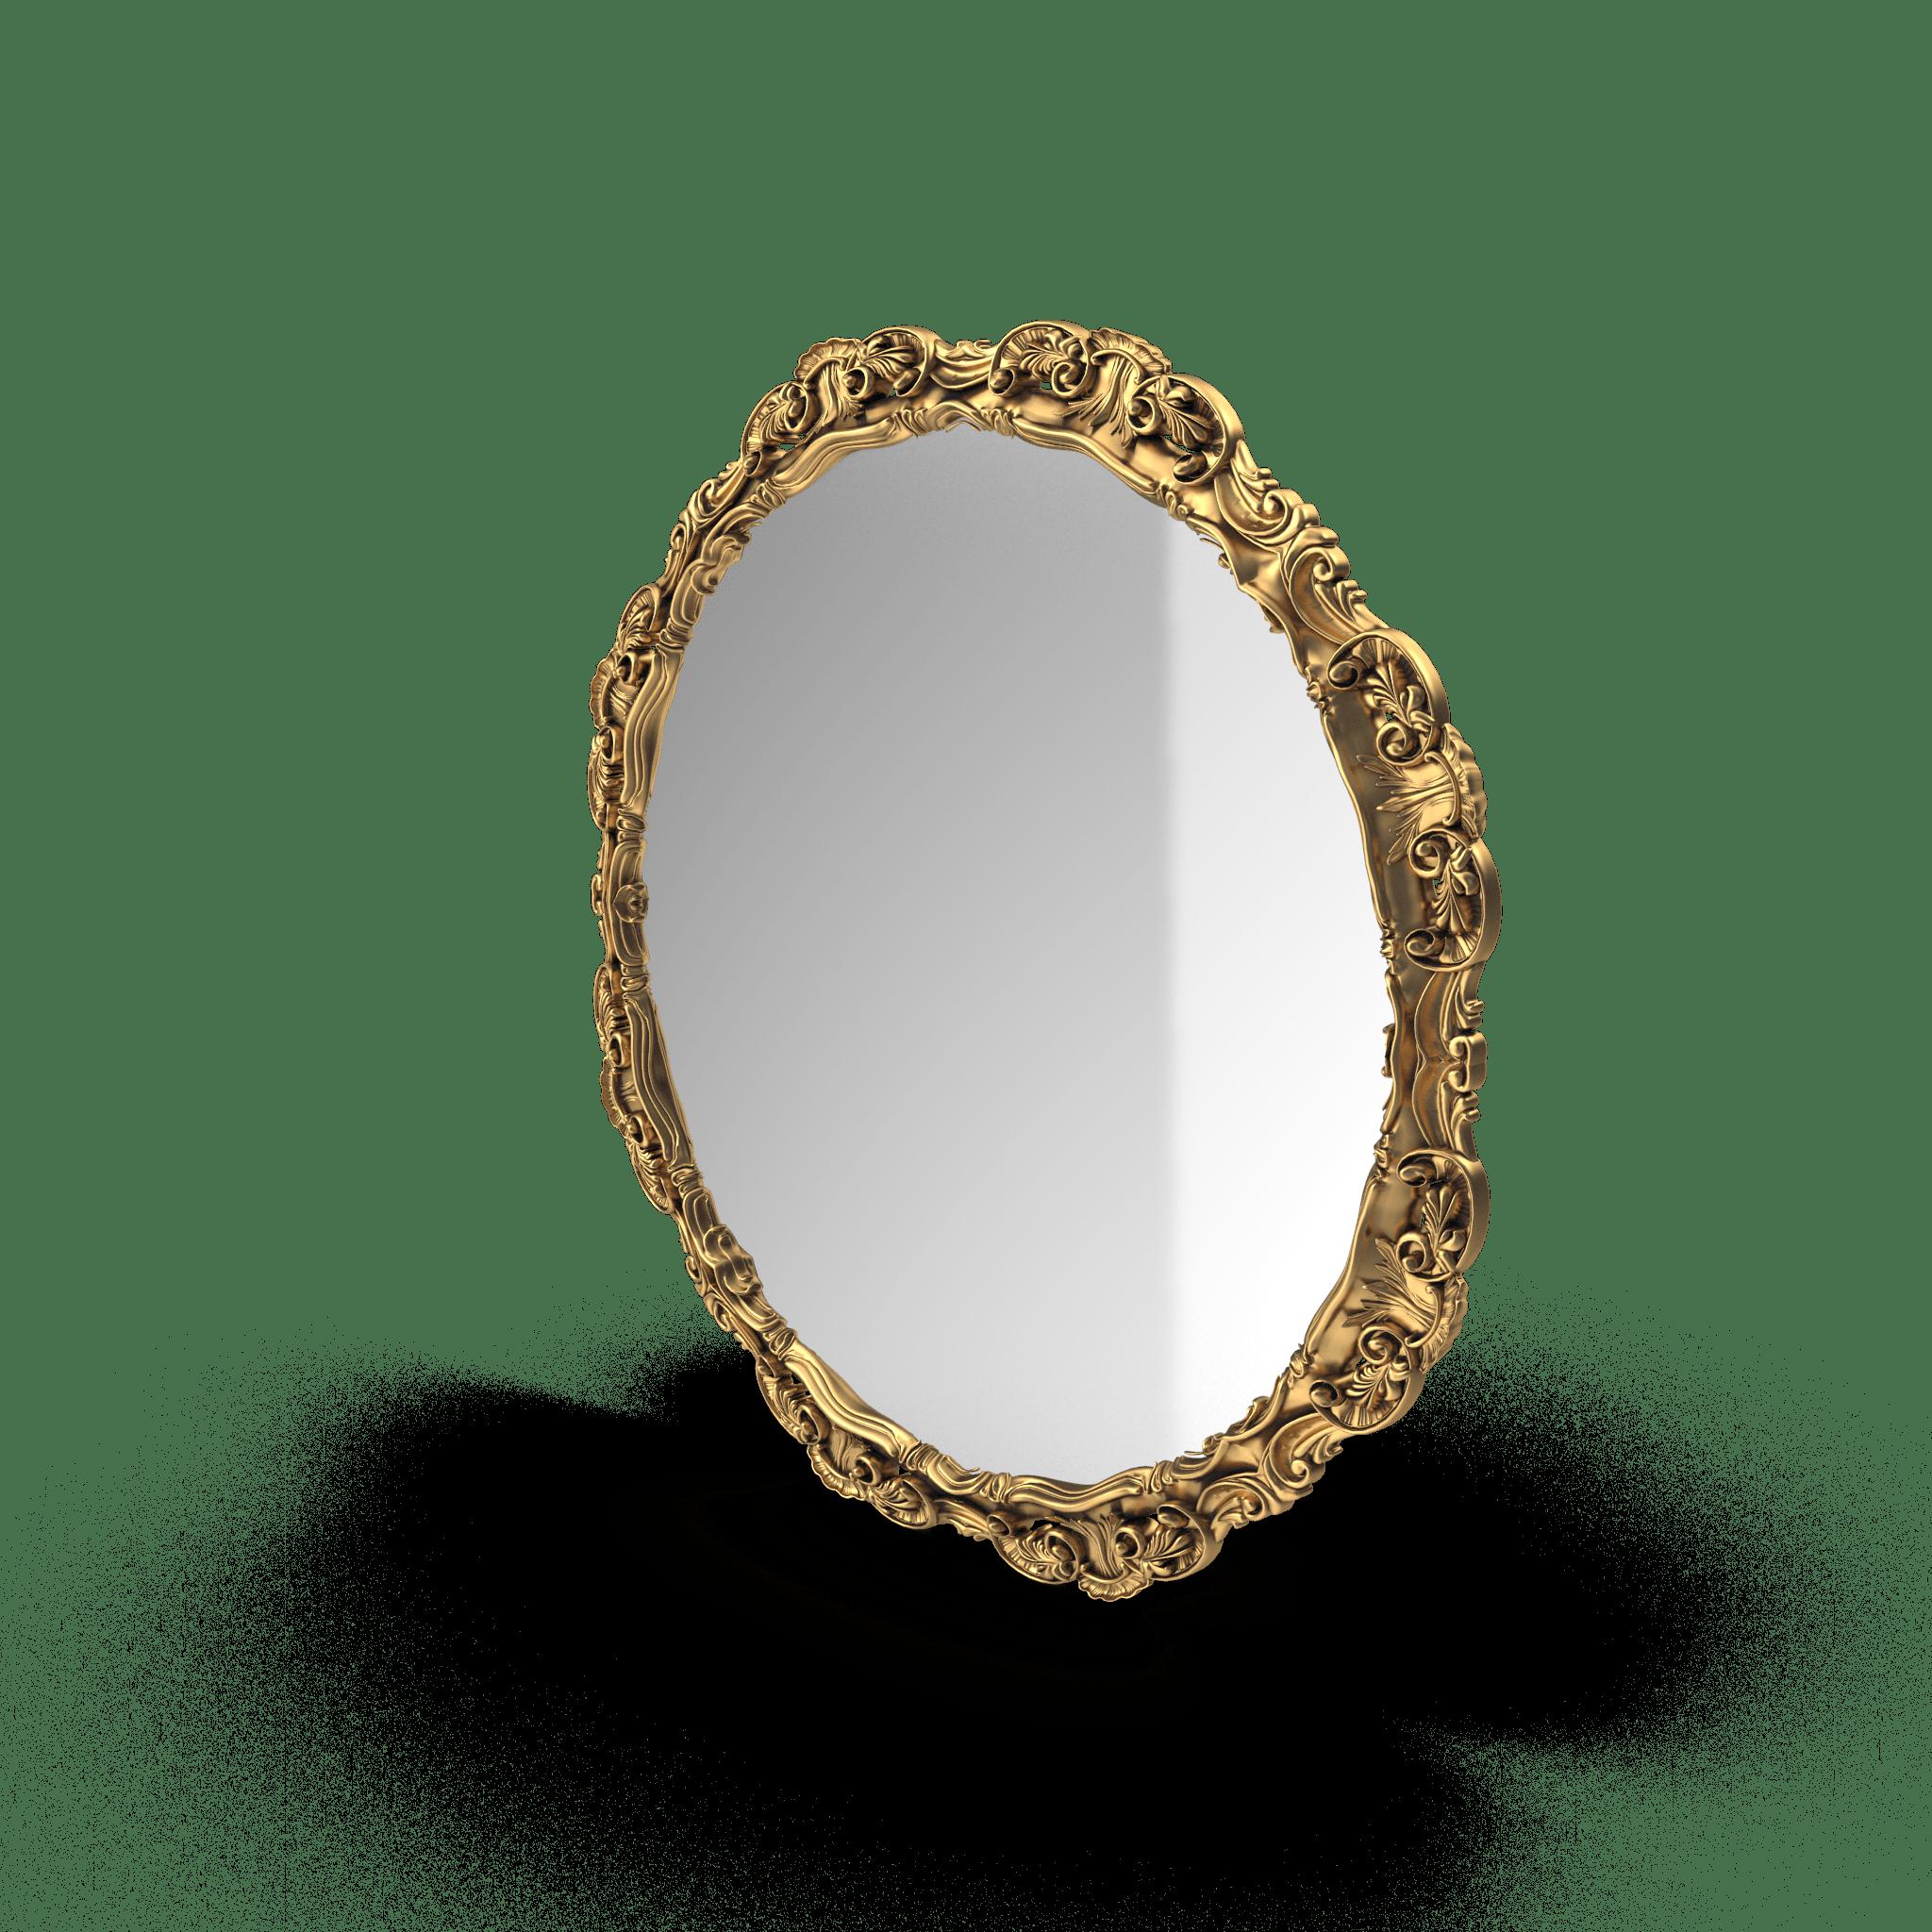 Round Mirror Golden.H03.2k-min